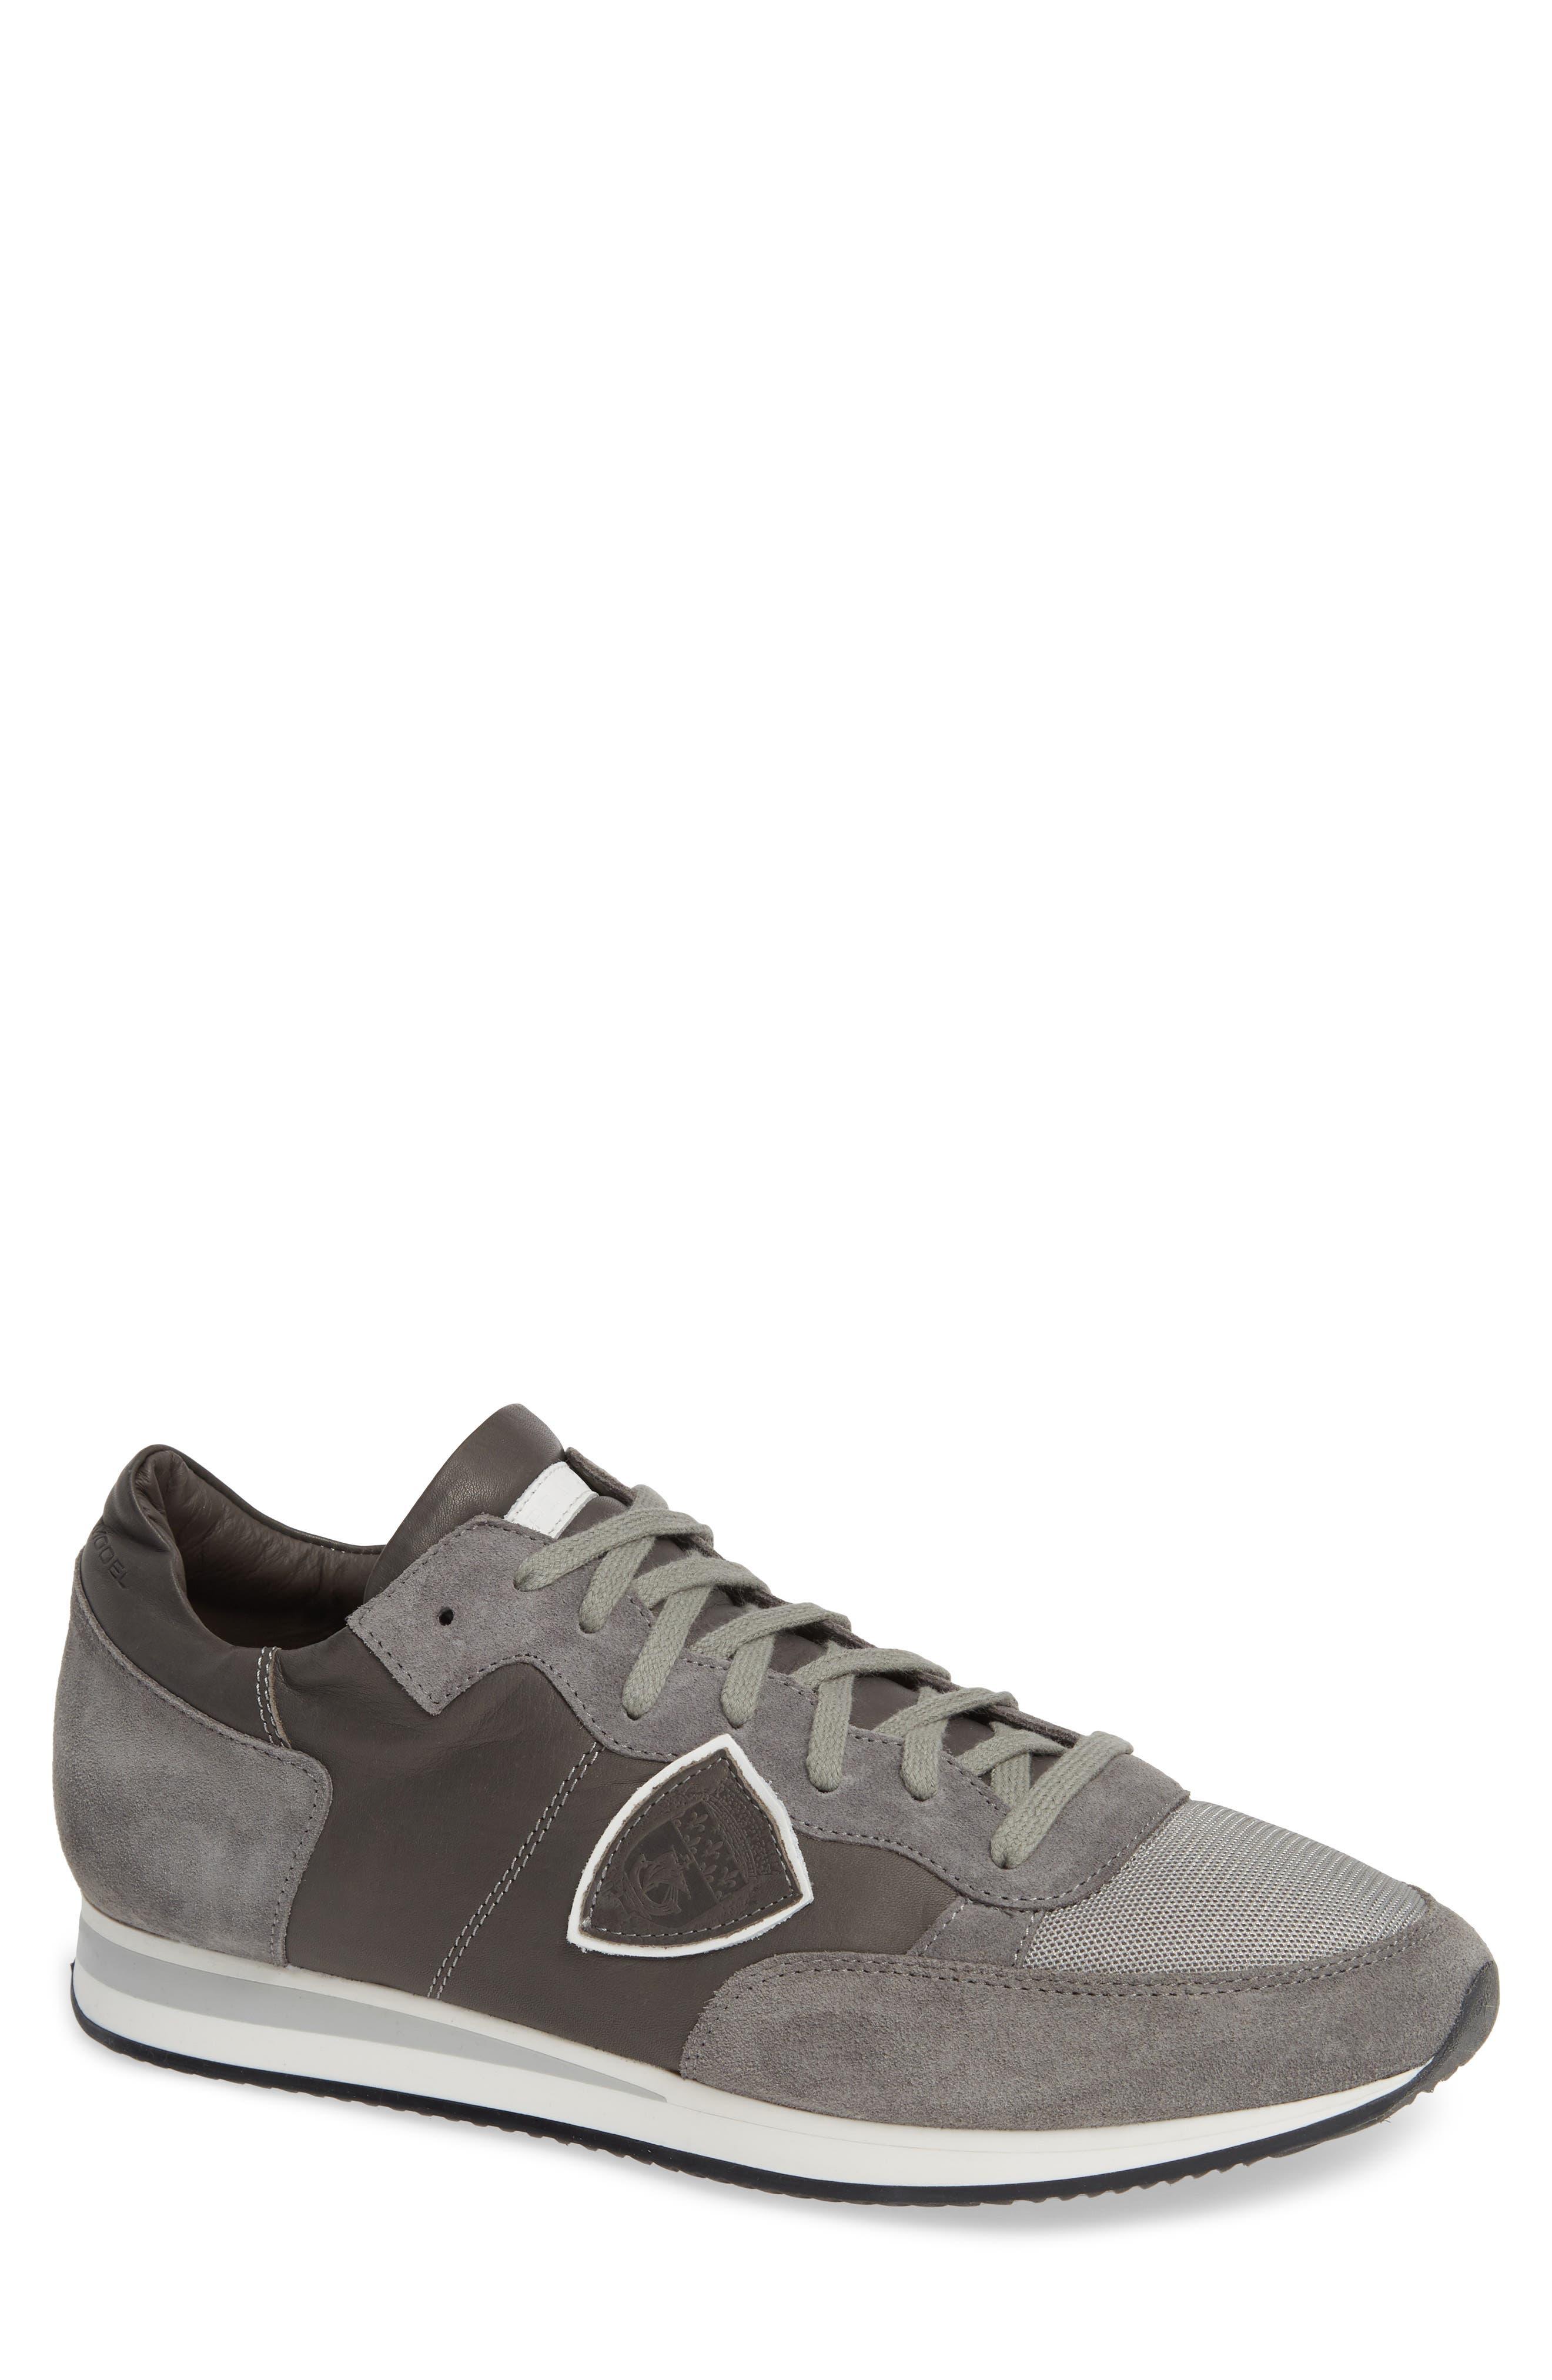 Tropez Sneaker,                             Main thumbnail 1, color,                             020